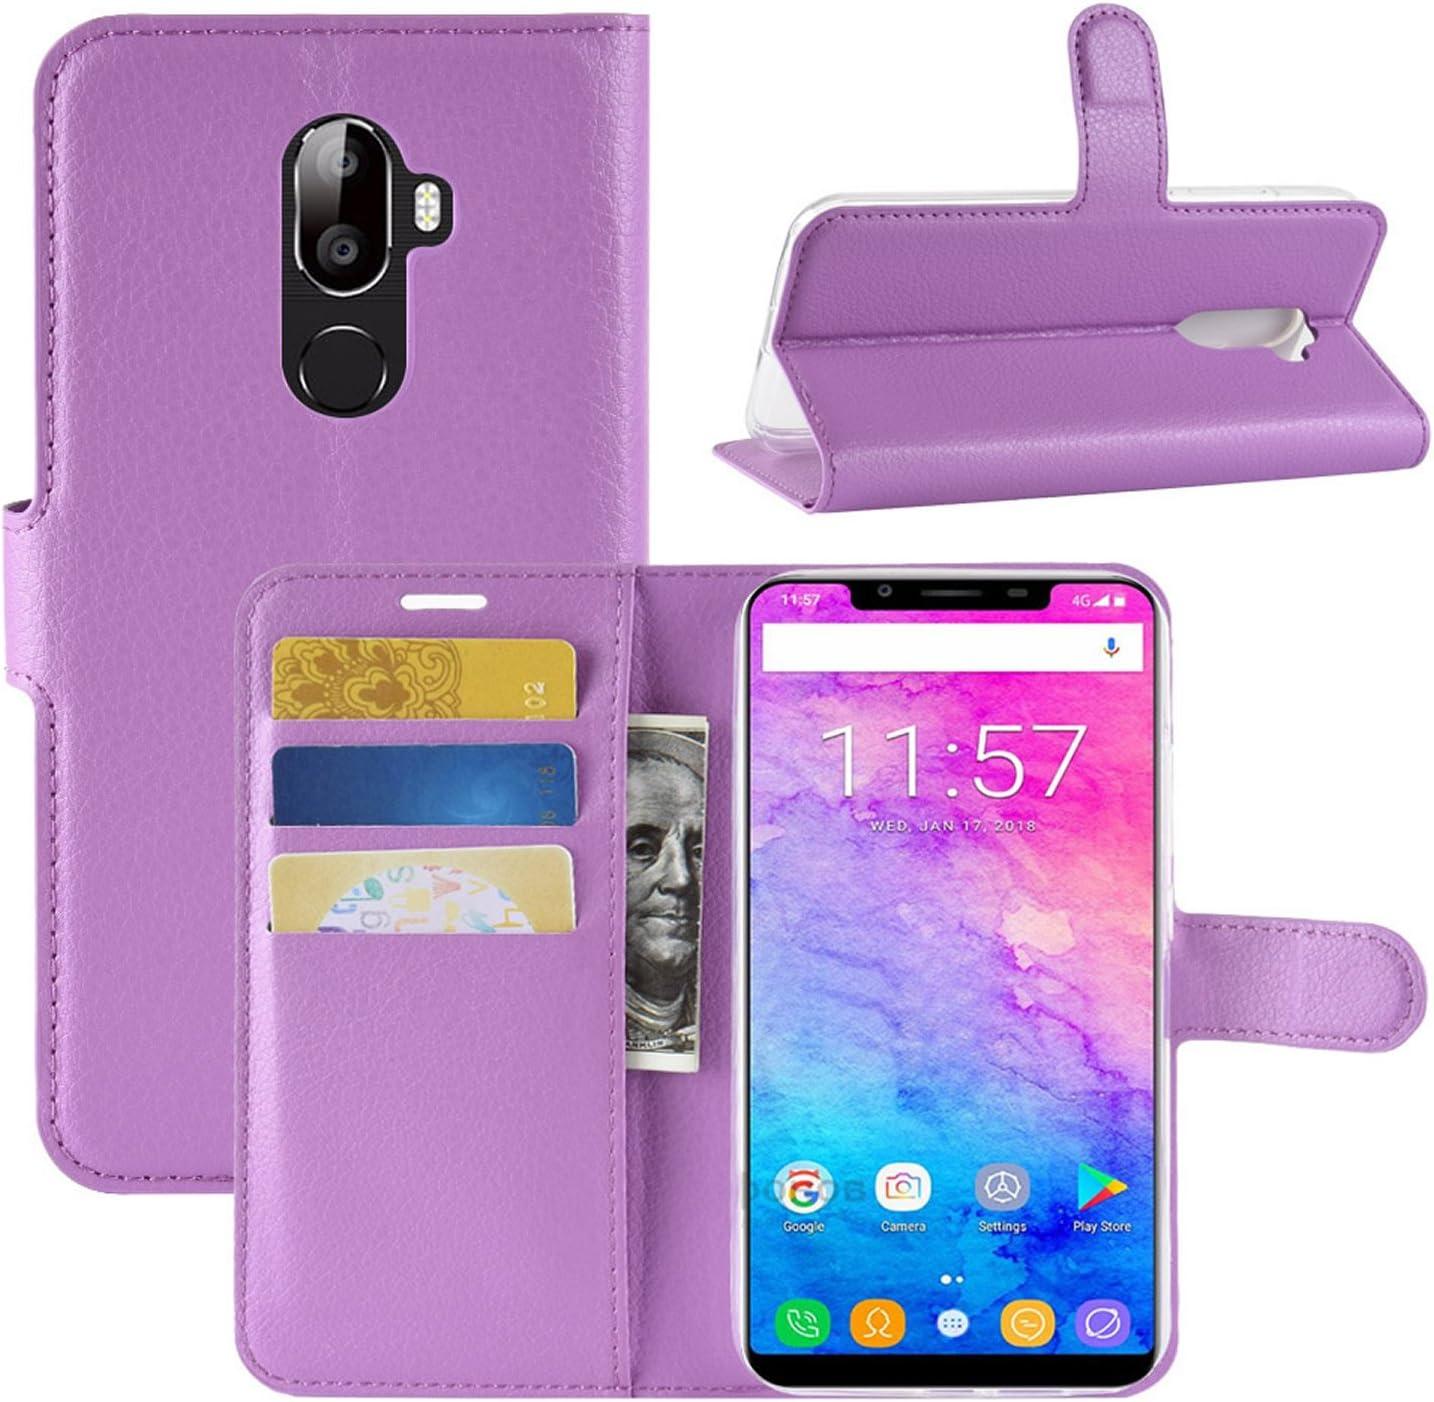 HualuBro Funda OUKITEL K5000, Premium PU Cuero Leather Billetera Wallet Carcasa Flip Case Cover para Oukitel K5000 Smartphone (Morado): Amazon.es: Electrónica